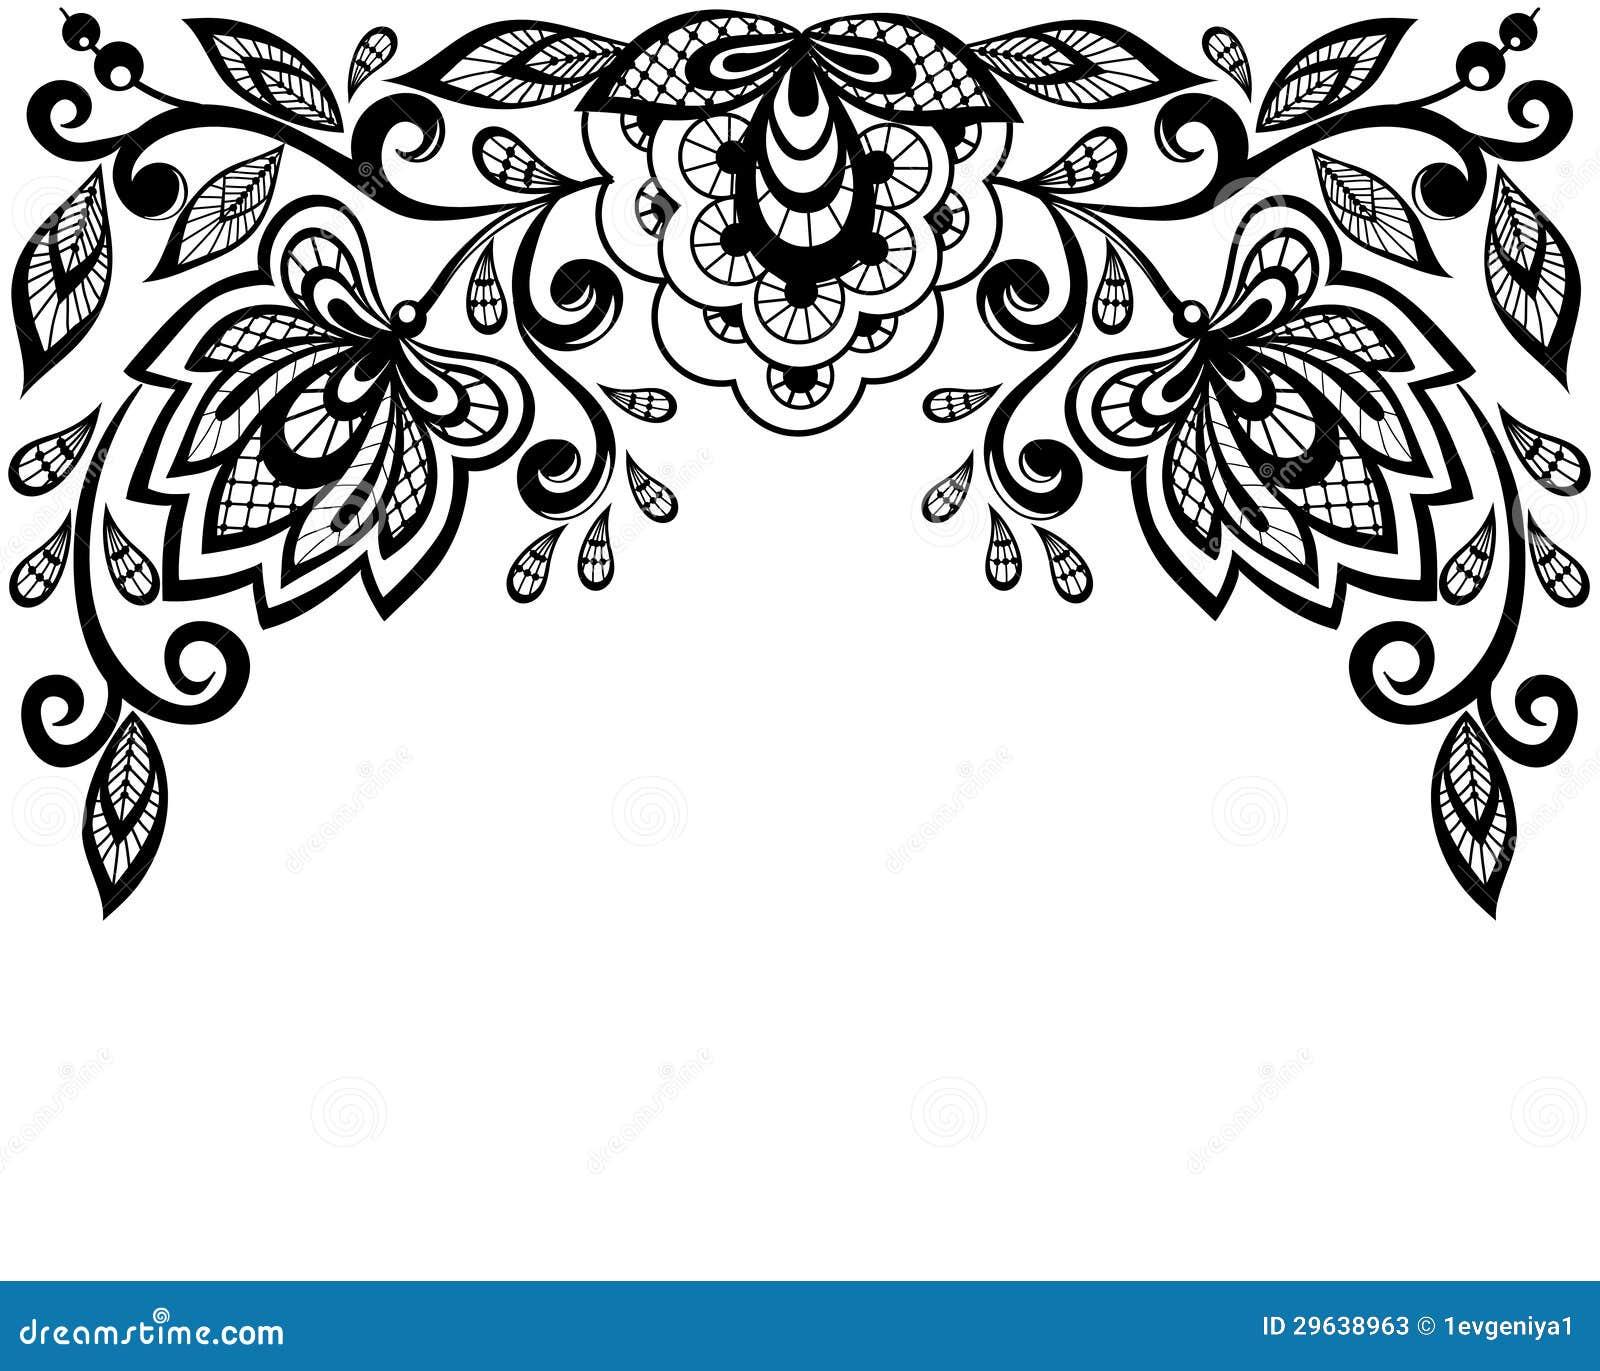 flores preto e branco e folhas do la u00e7o isoladas no branco